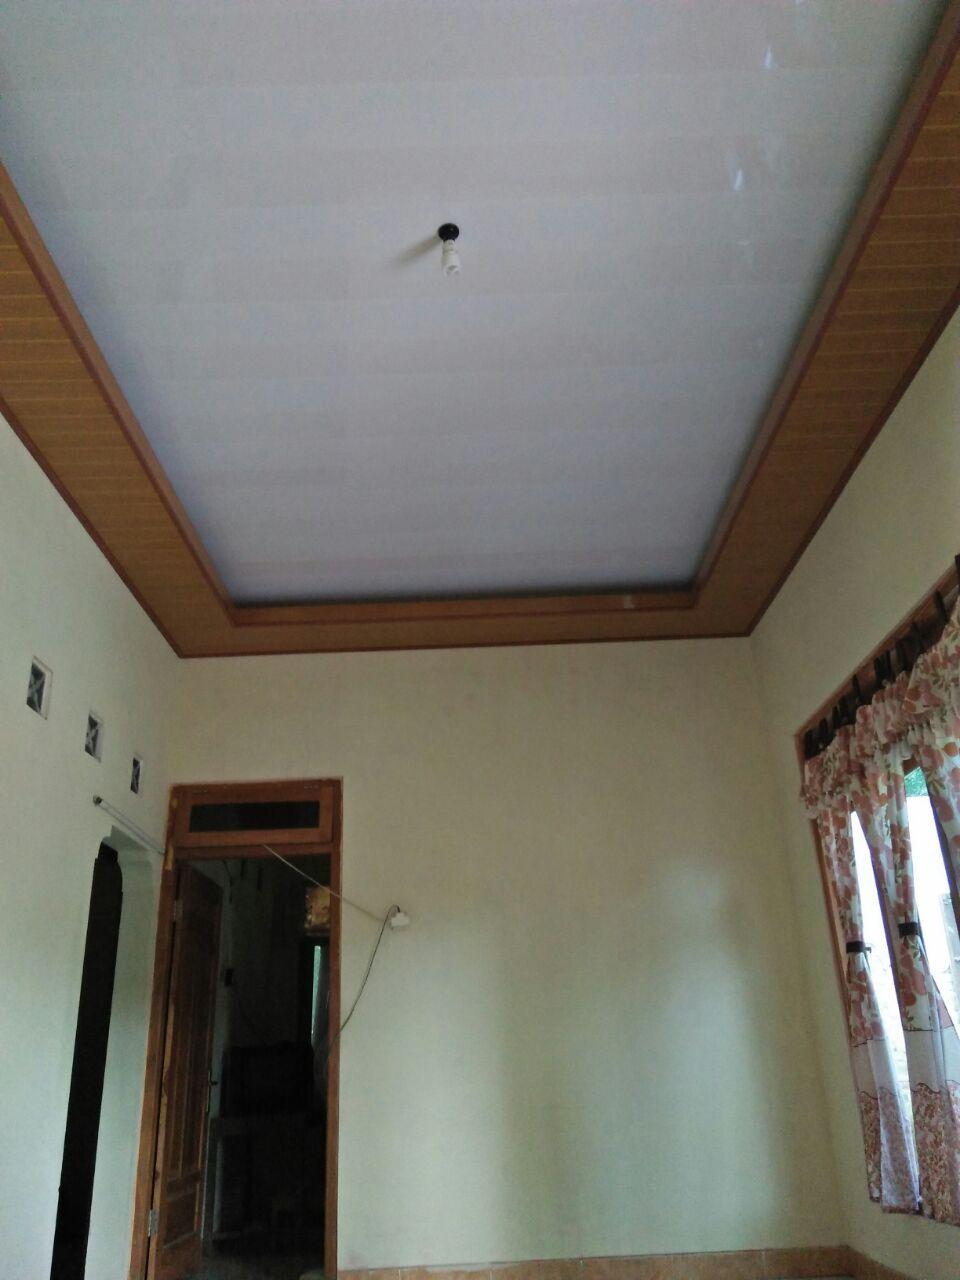 081 376 986 067 Plafon Pvc 185 Rb Untuk Tingkat Ada Tv Roof Penambahan 150